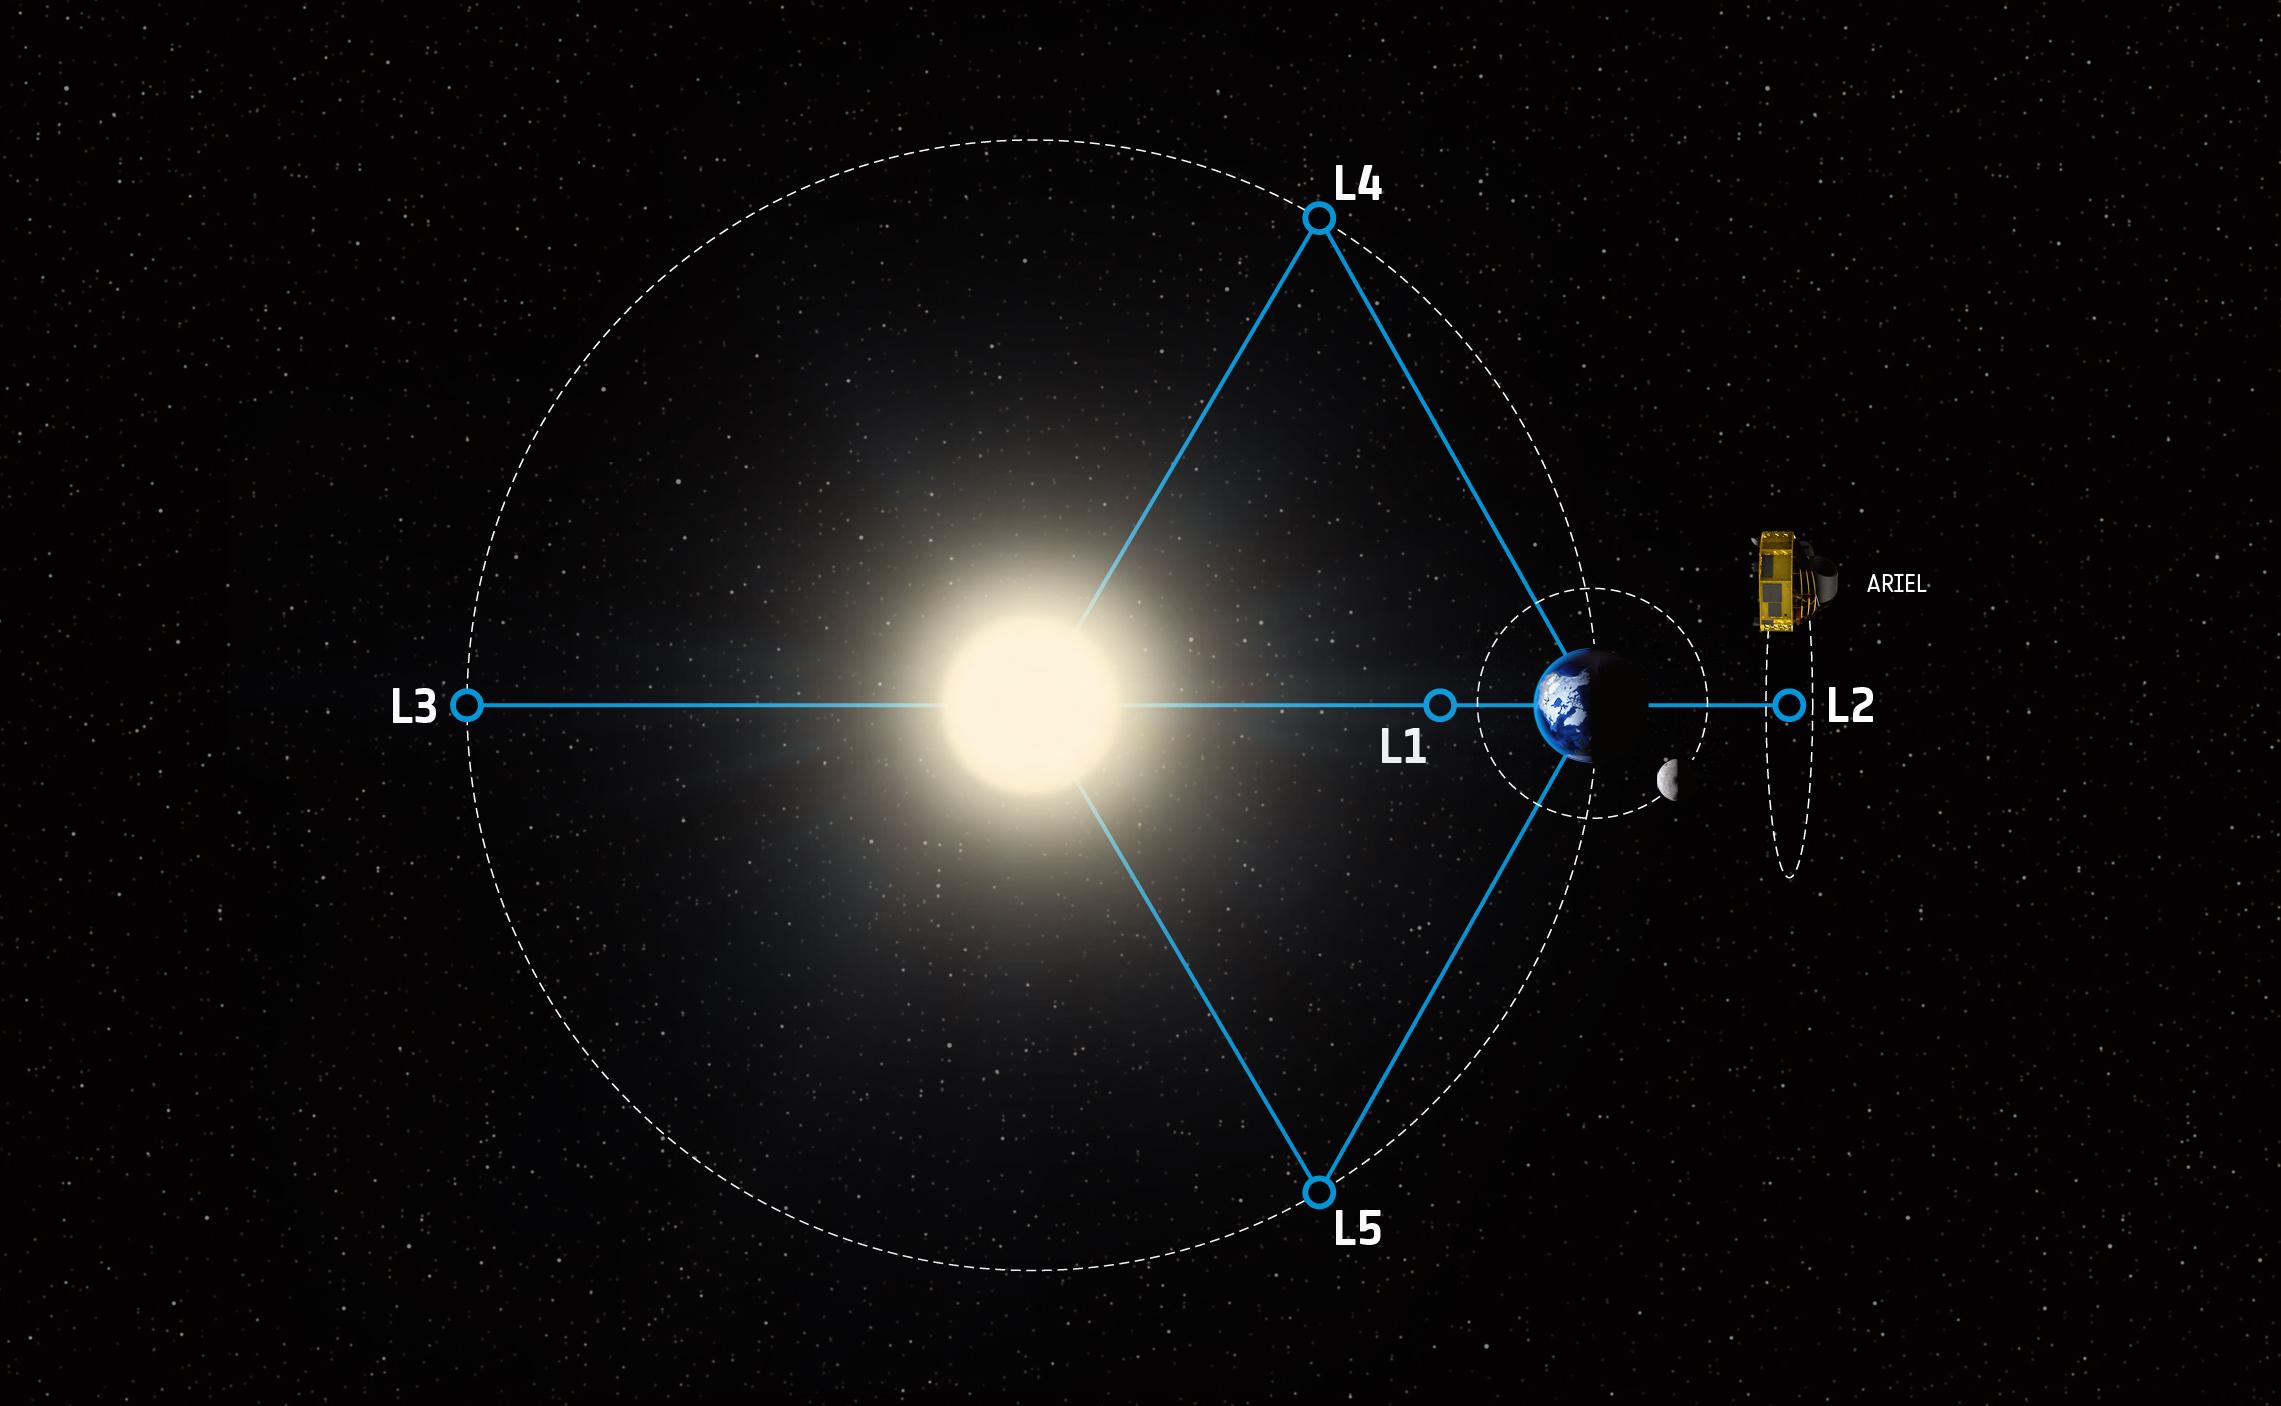 DIAS Press Release 21st March 2018 : ARIEL Exoplanet Mission